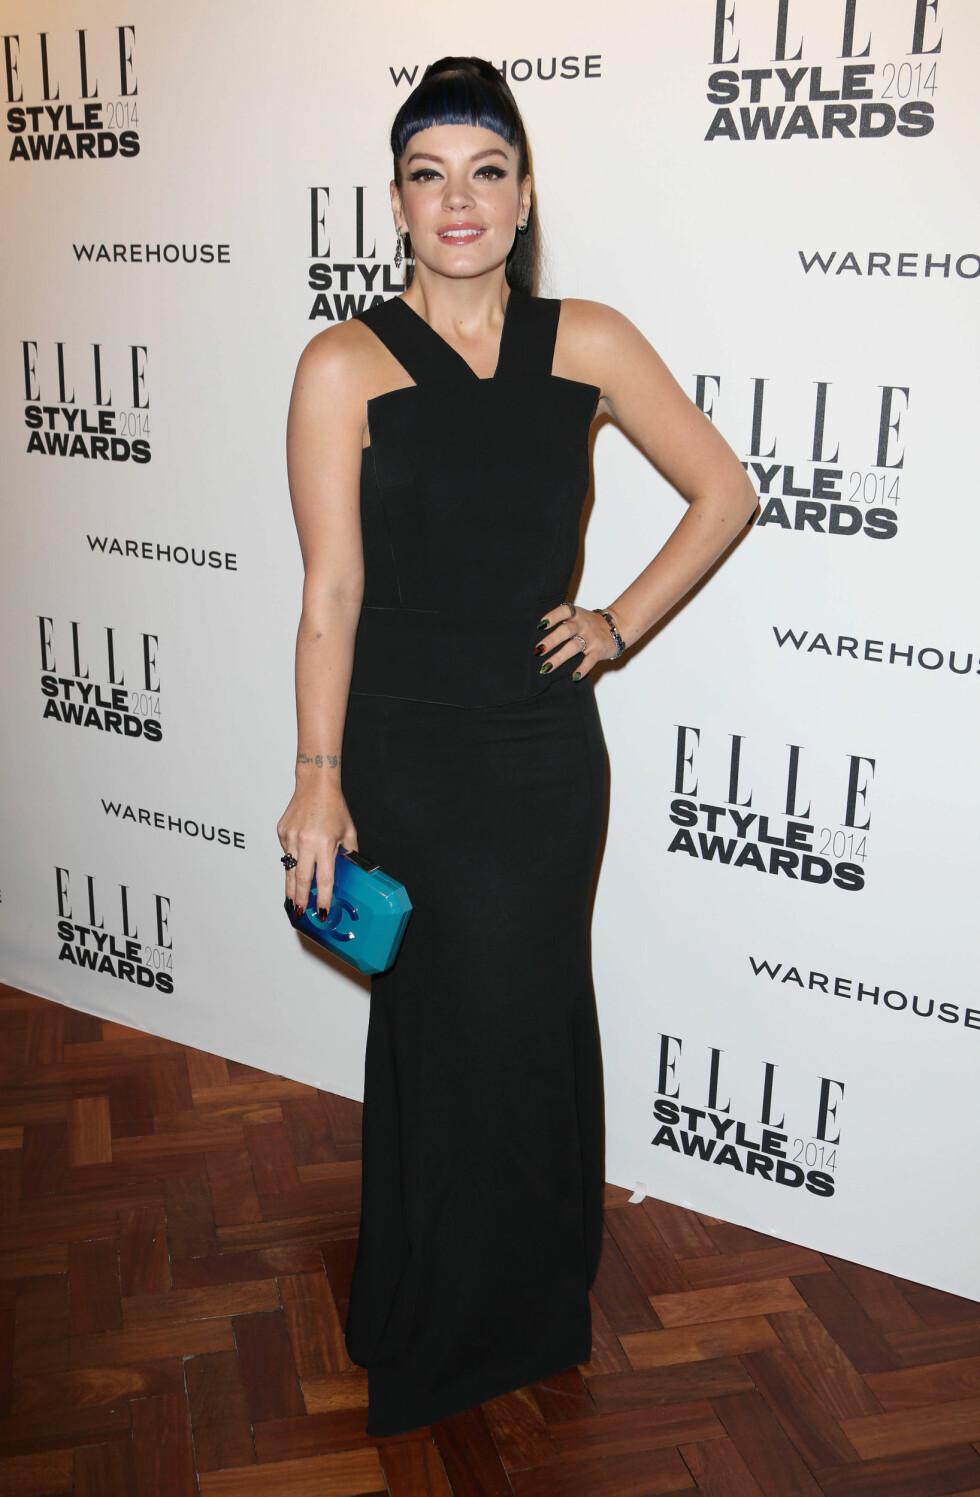 Lily Allen Foto: REX/Matt Baron/BEI/All Over Press